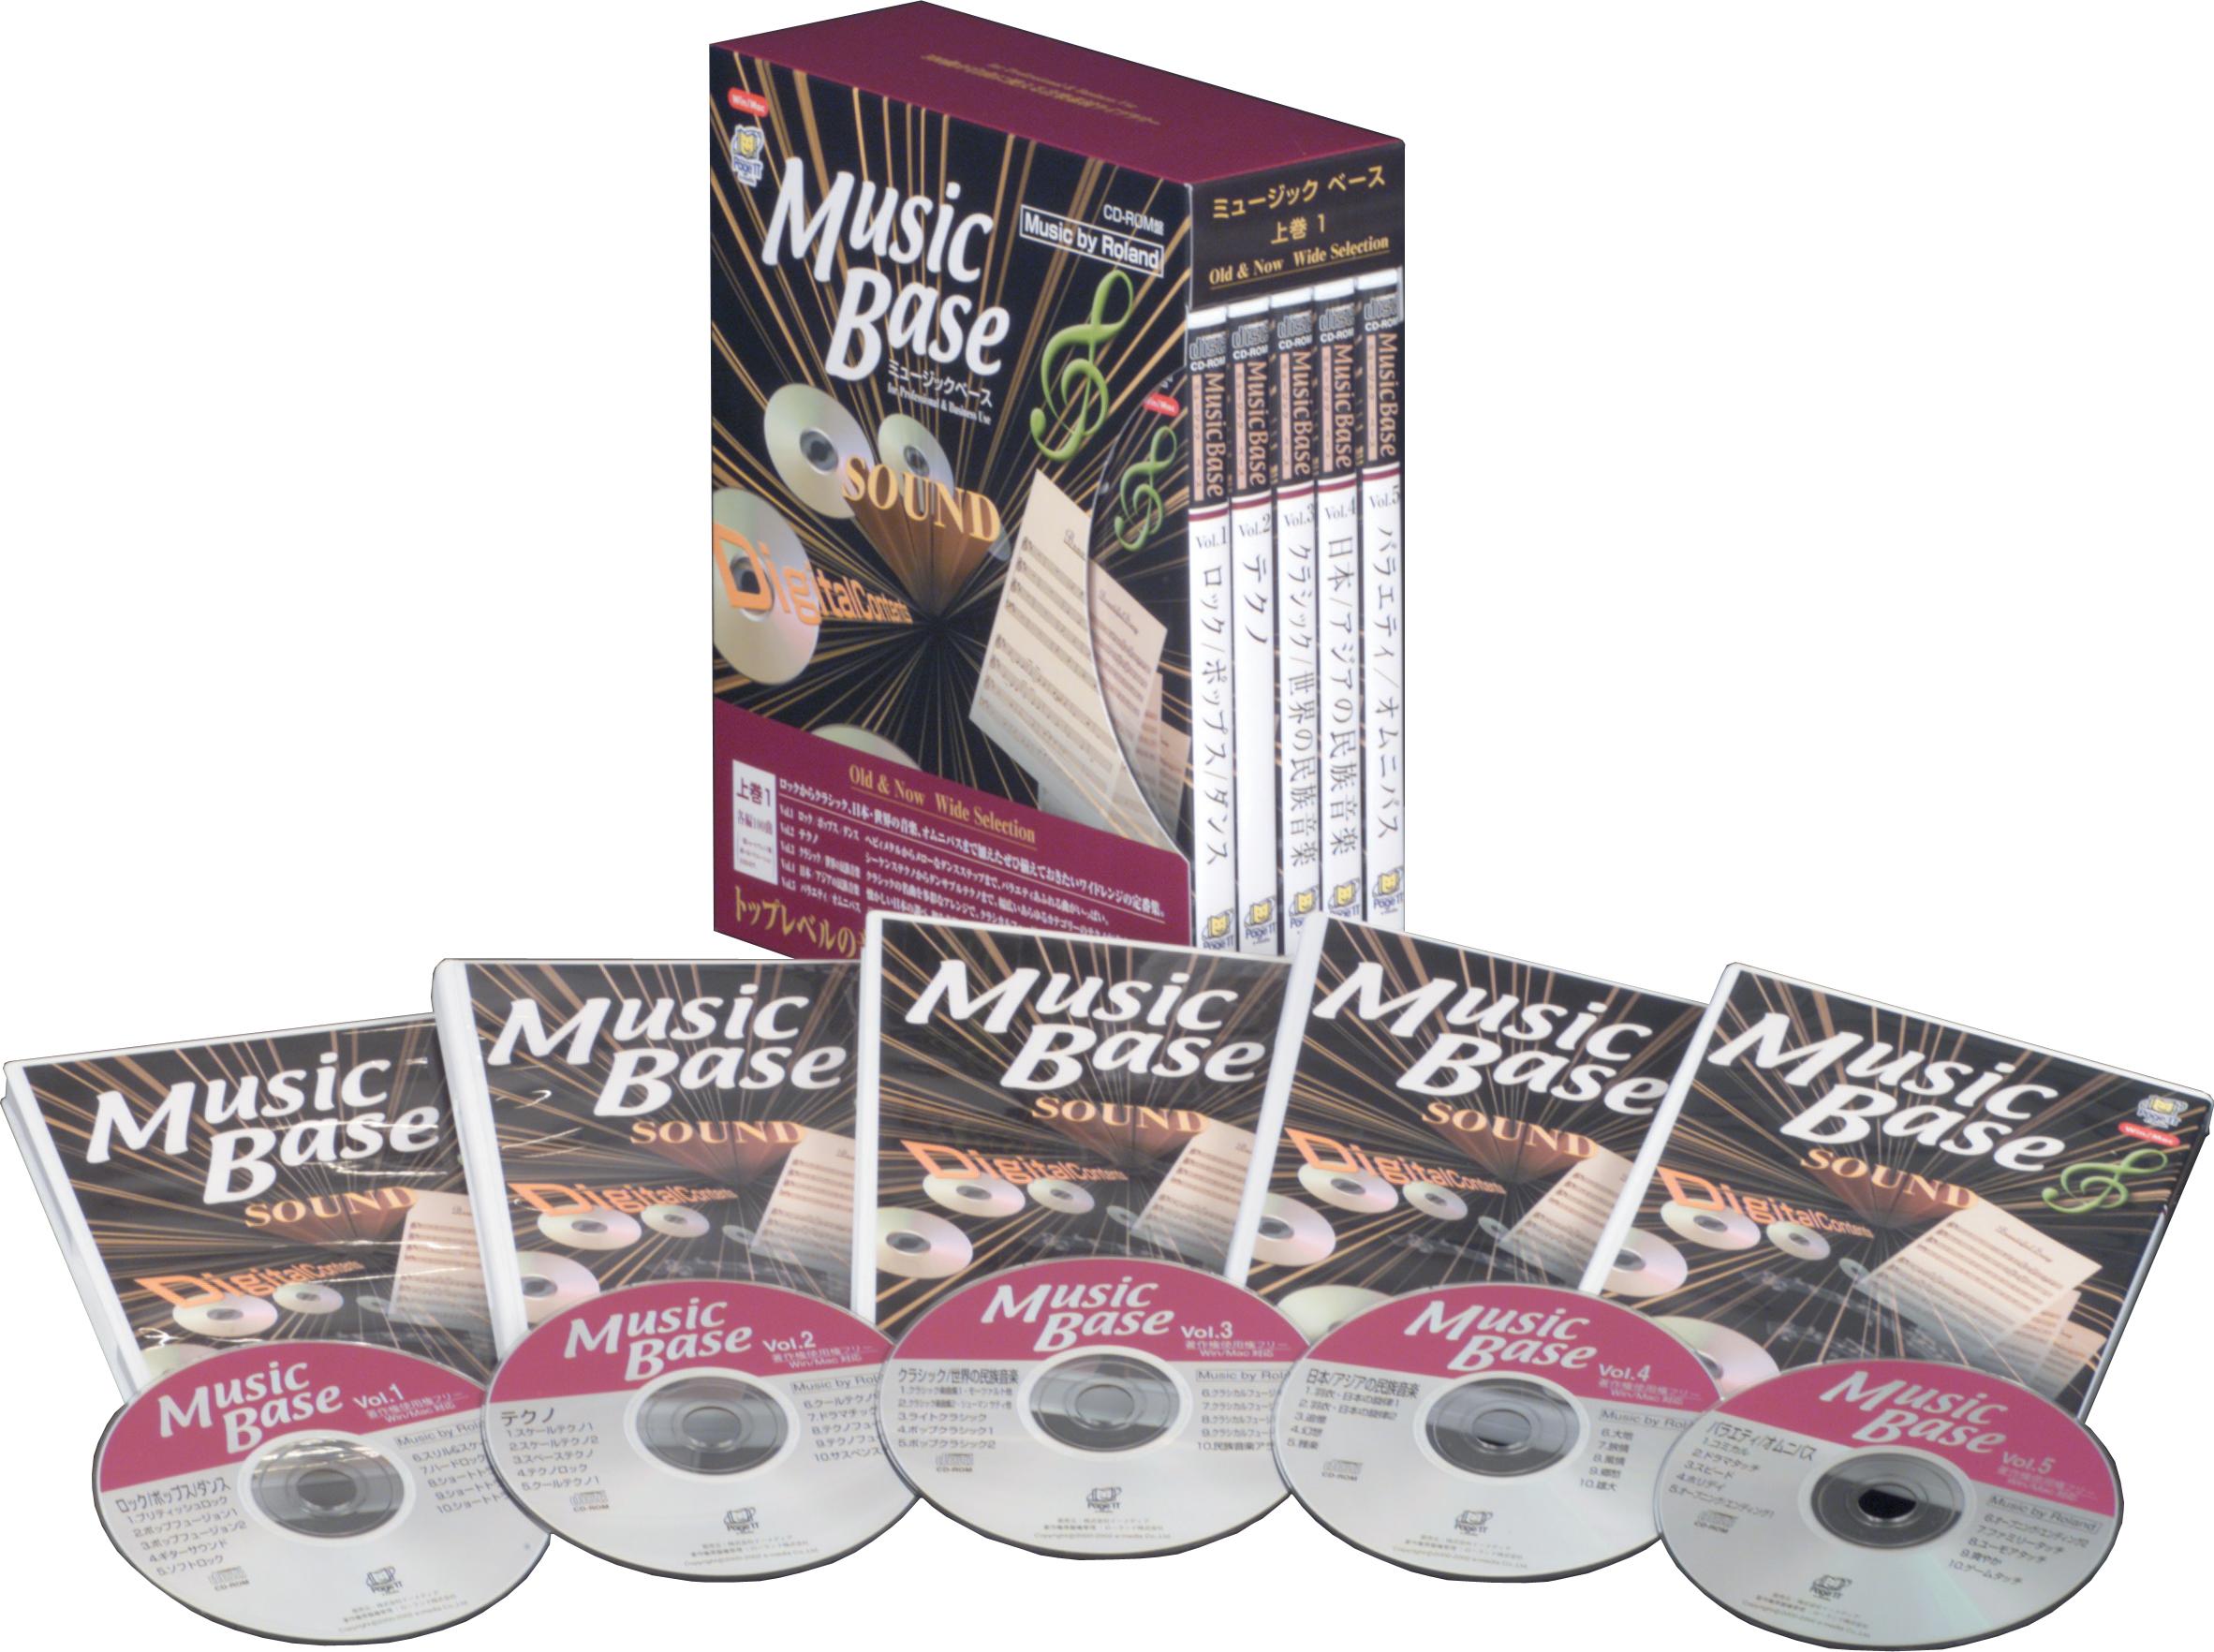 ミュージックベース上巻1/Old &Now Wide Selection HYBRID